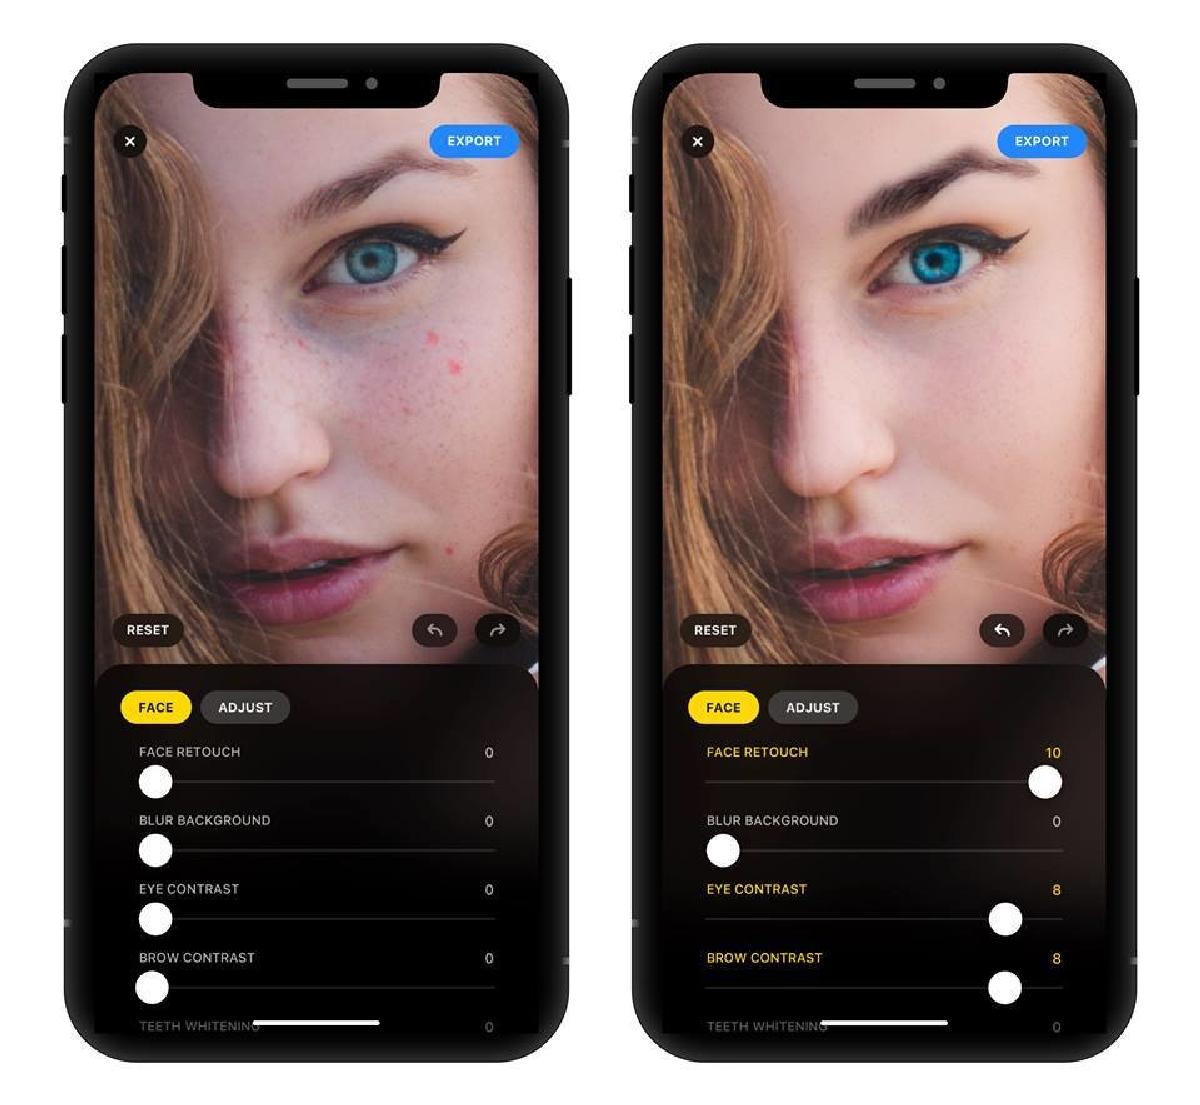 Мобильное приложение использует нейронные сети и технологии машинного обучения для естественной обработки фото